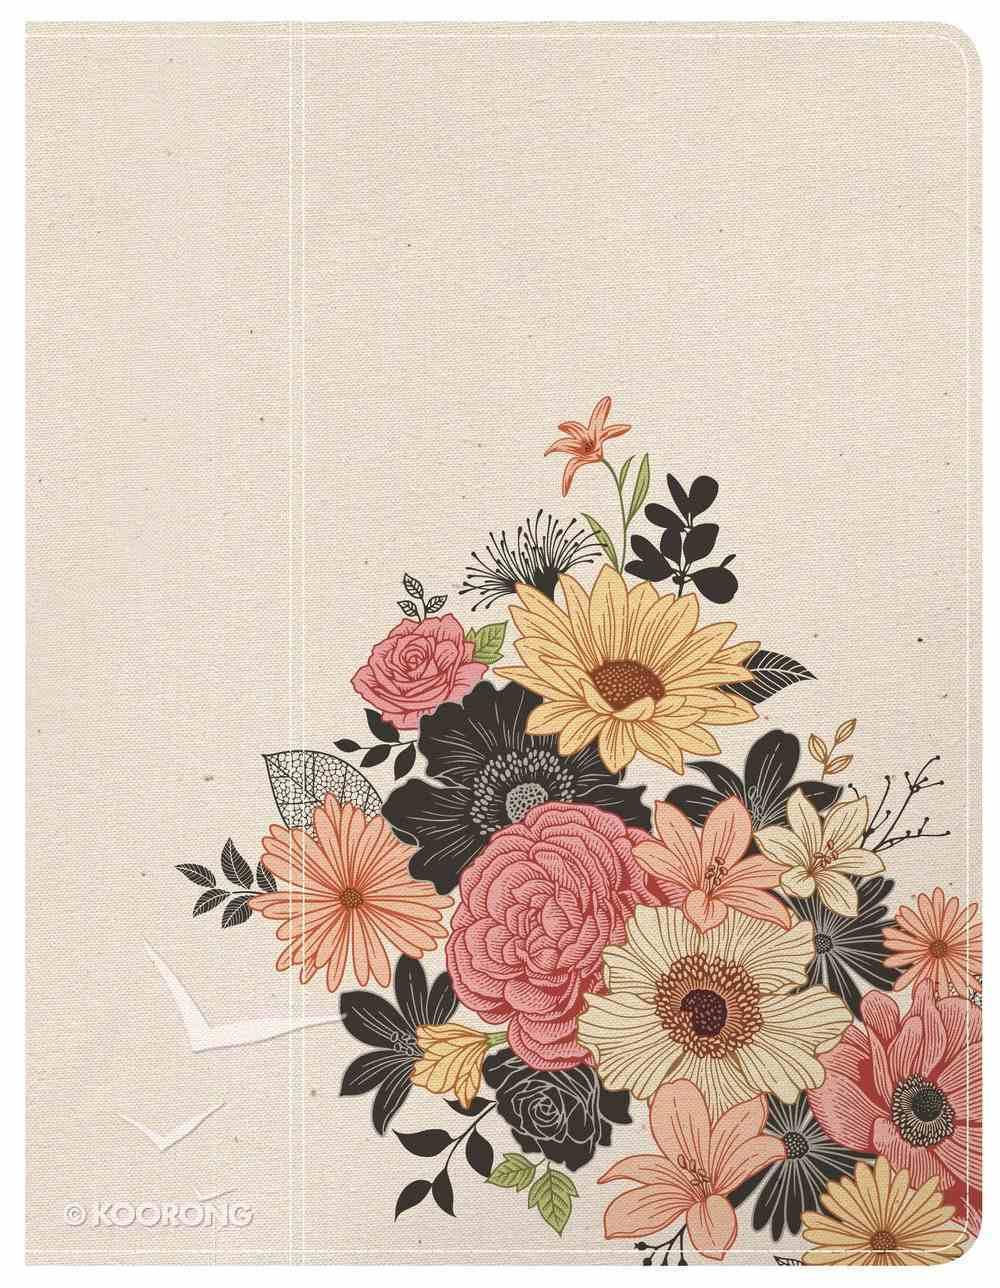 NKJV Illustrator's Notetaking Bible Floral Hardback